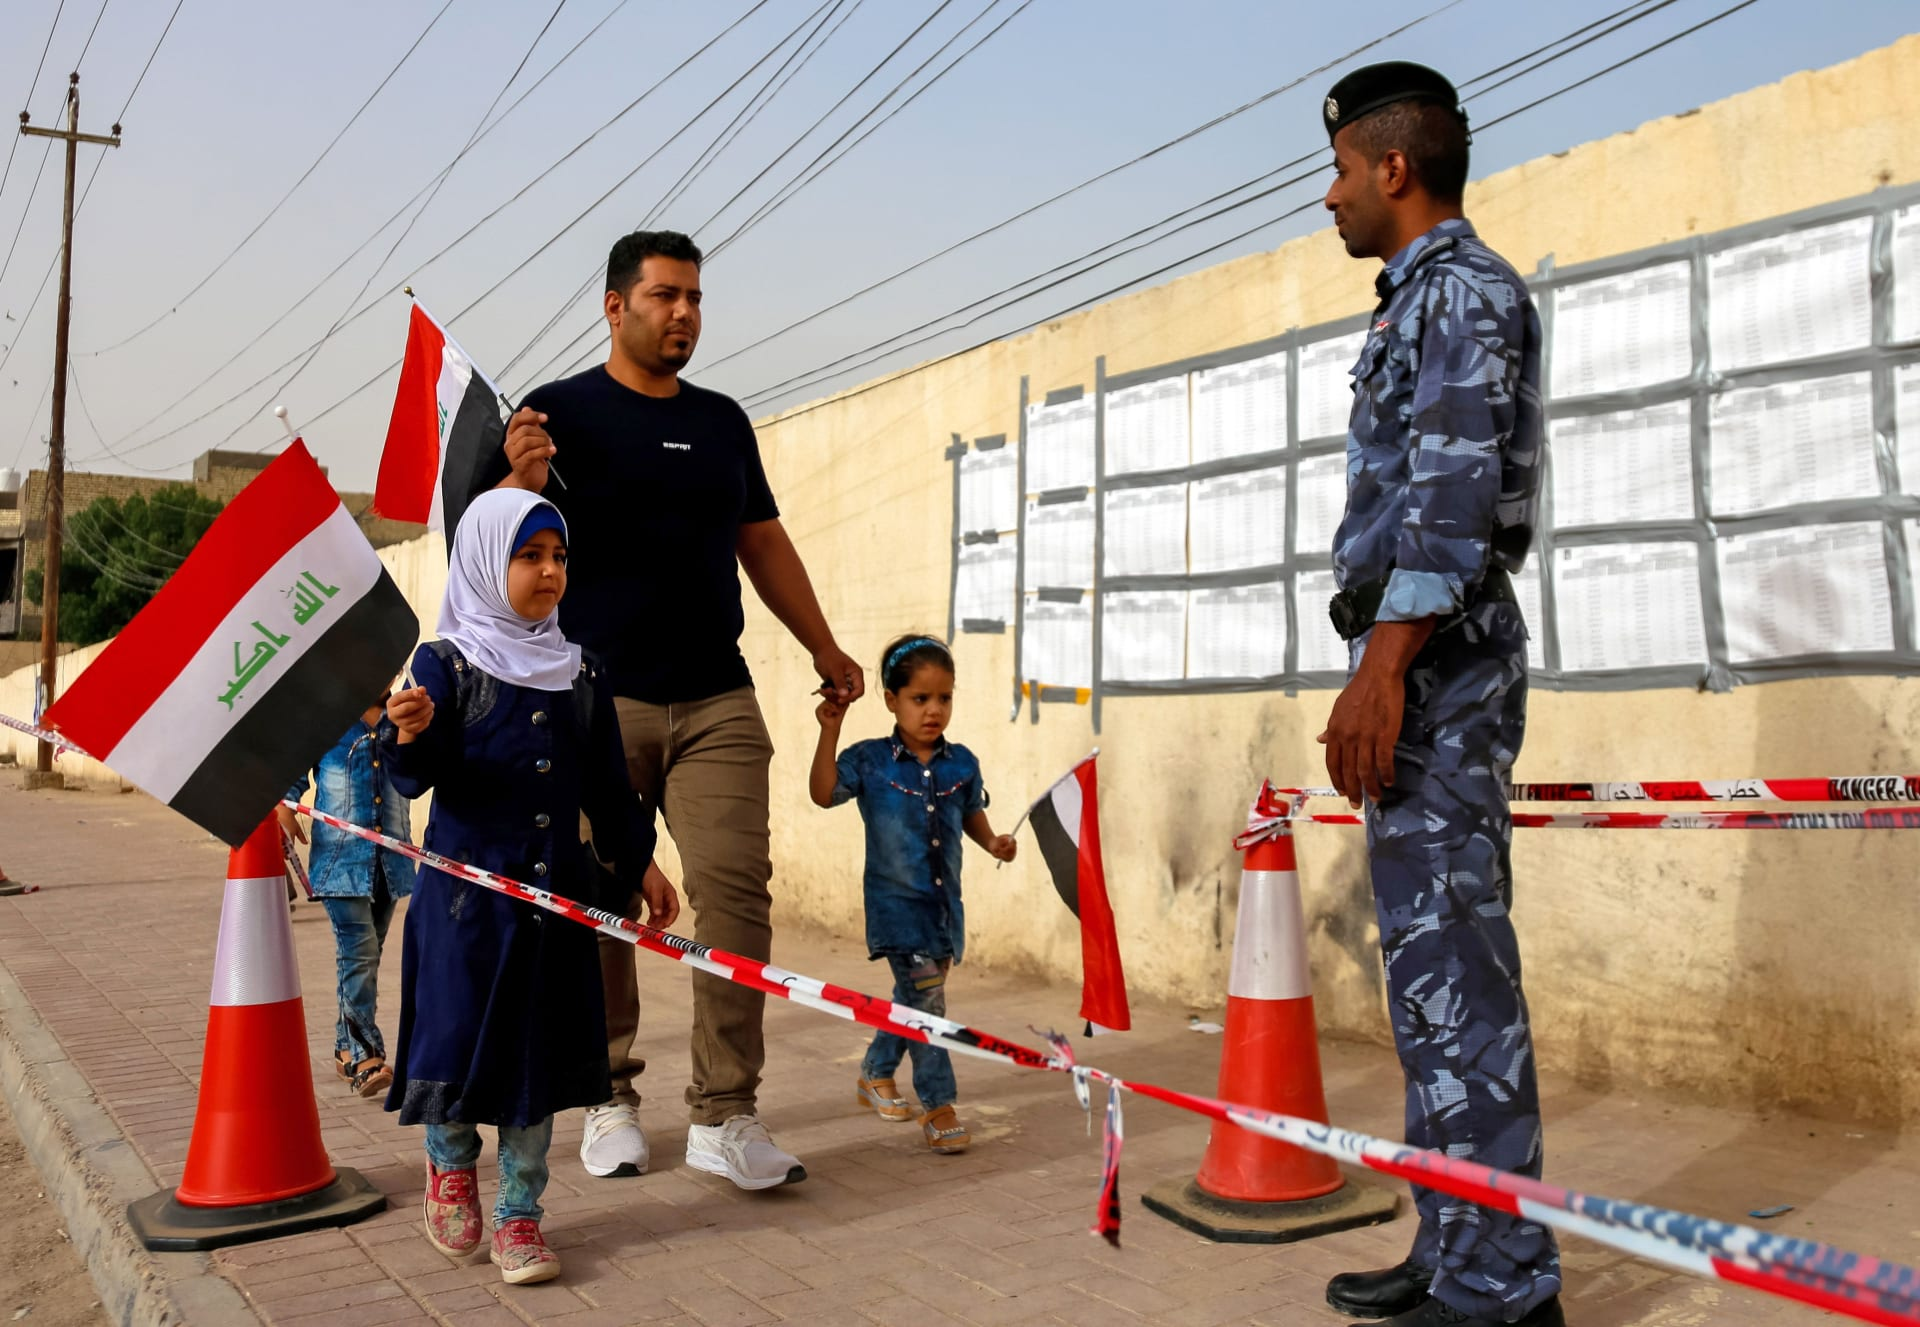 ائتلاف الوطنية بقيادة إياد علاوي يطالب بإعادة إجراء الانتخابات